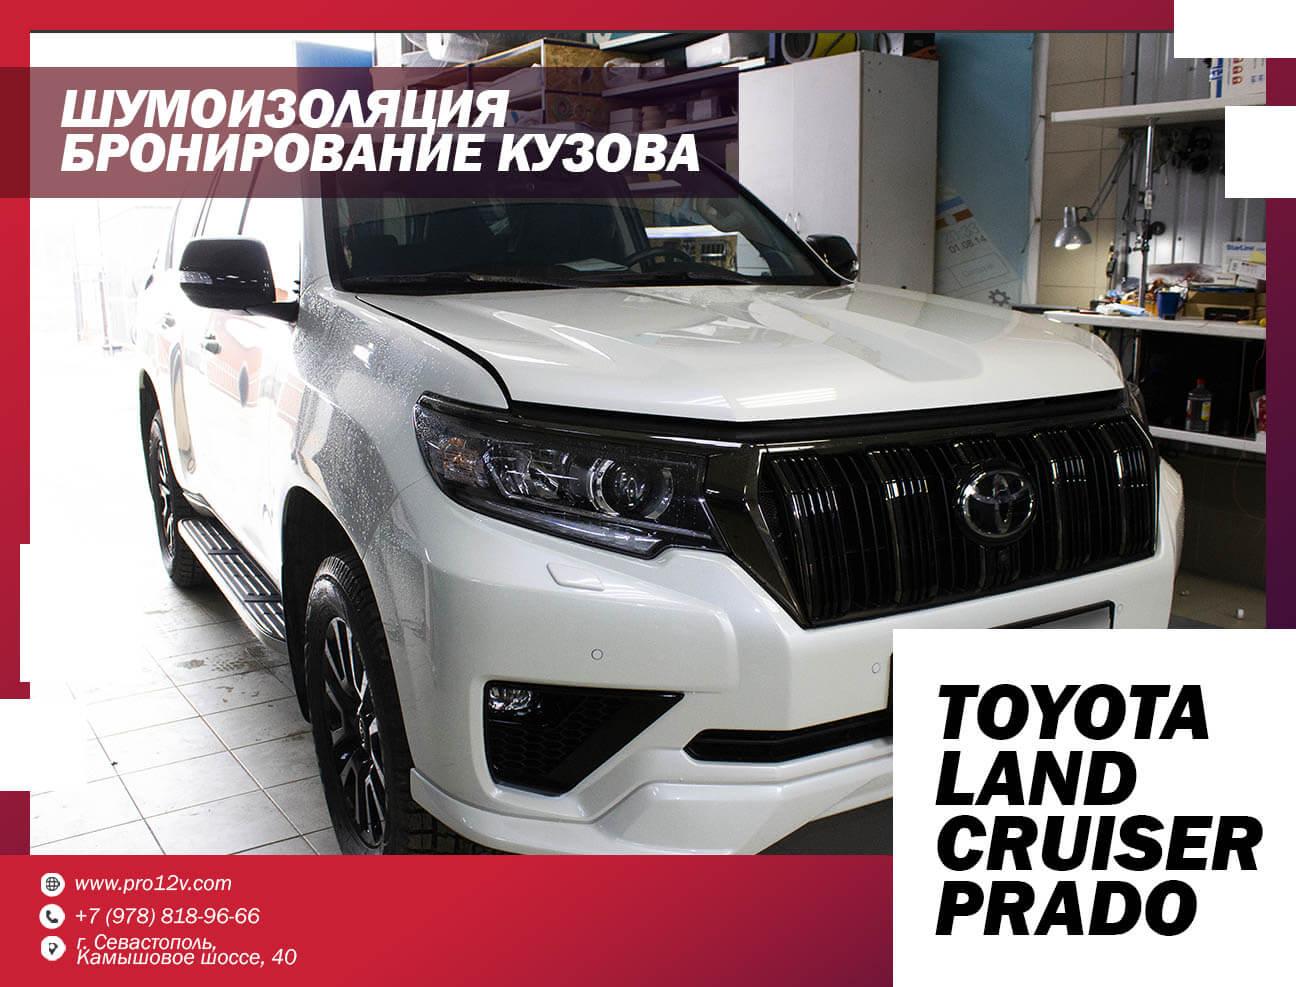 Бронирование кузова Toyota Land Cruiser Prado